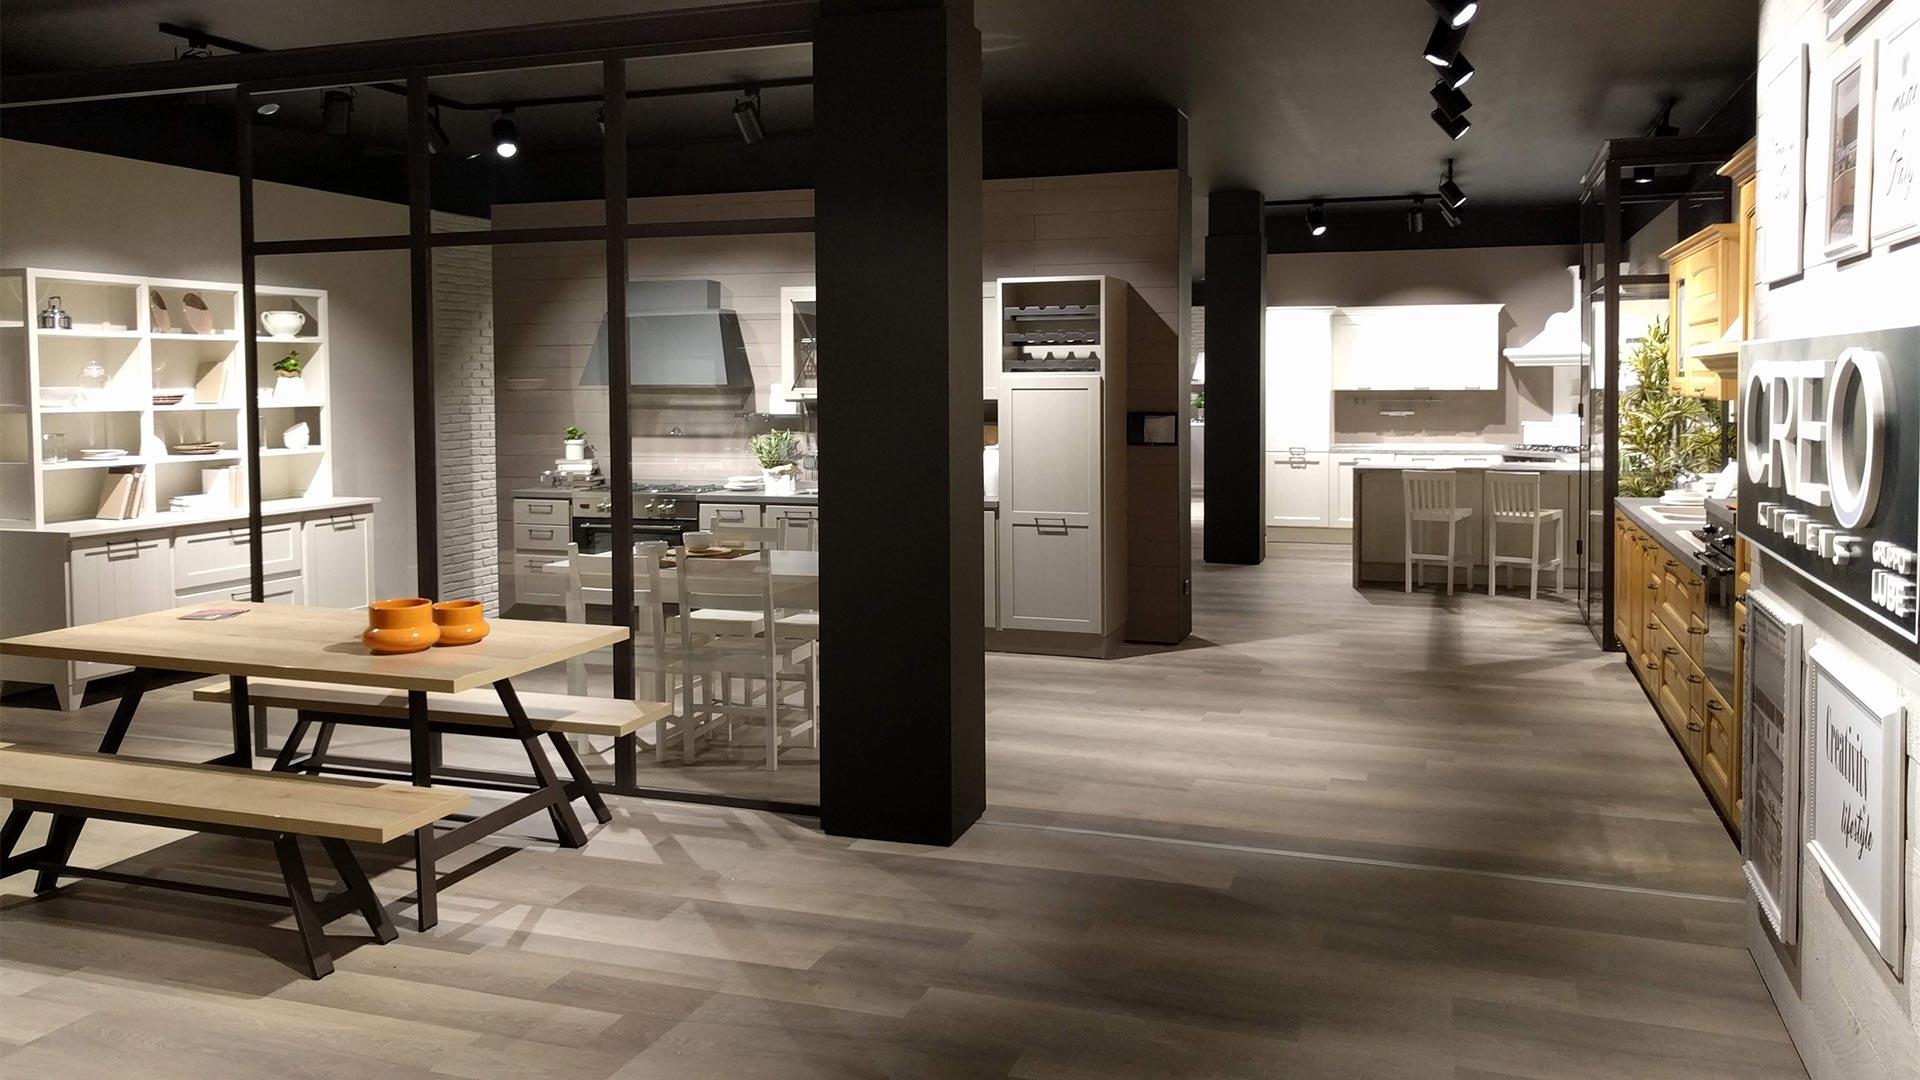 Il Gruppo Lube Inaugura Un Nuovo Store Lube E Creo A Montecchio Maggiore Creo Kitchens